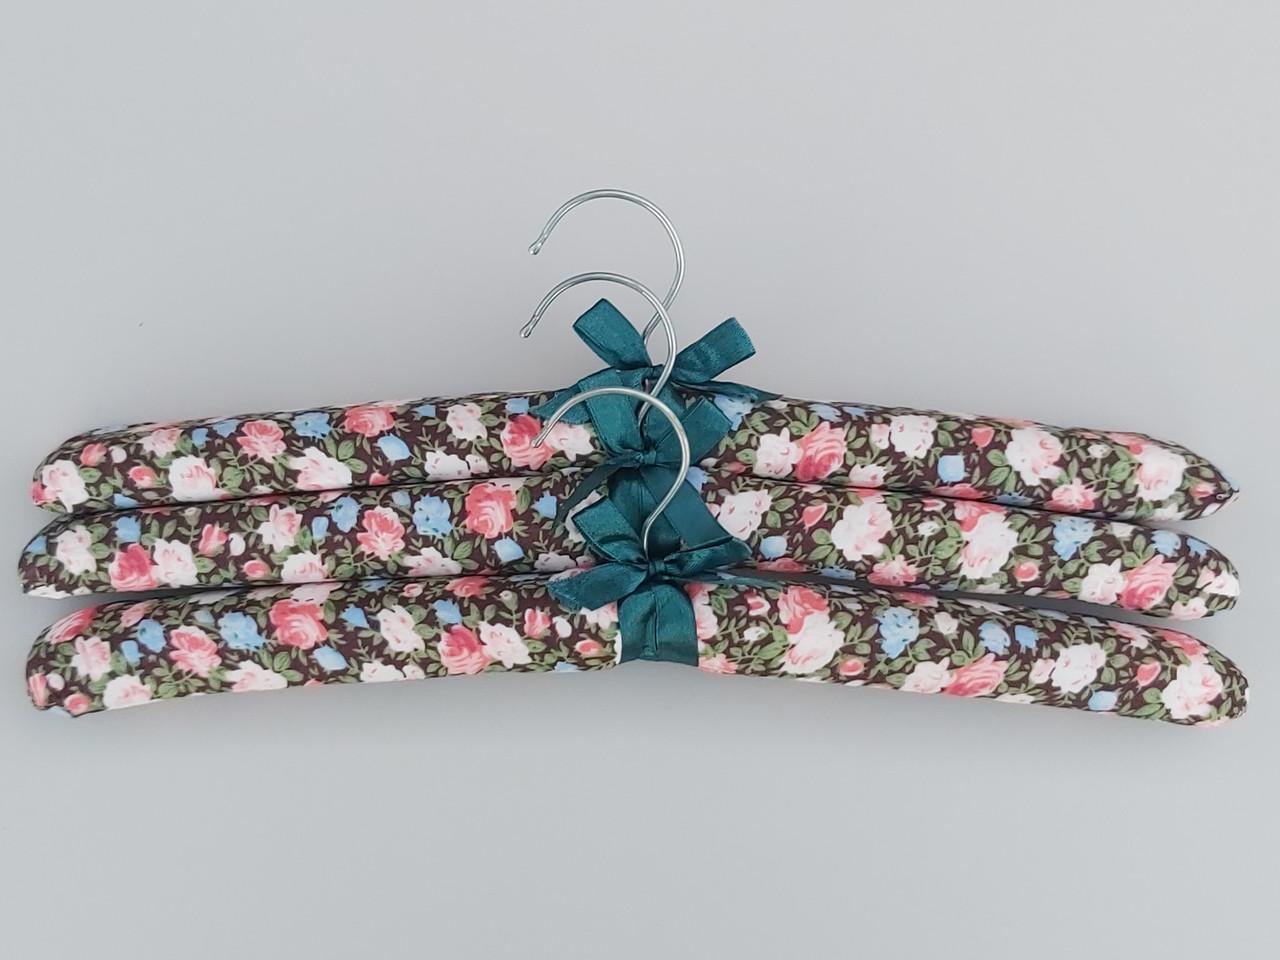 Плечики вешалки тремпеля мягкие тканевые для деликатных вещей цветастые, длина 38 см,в упаковке 3 штуки